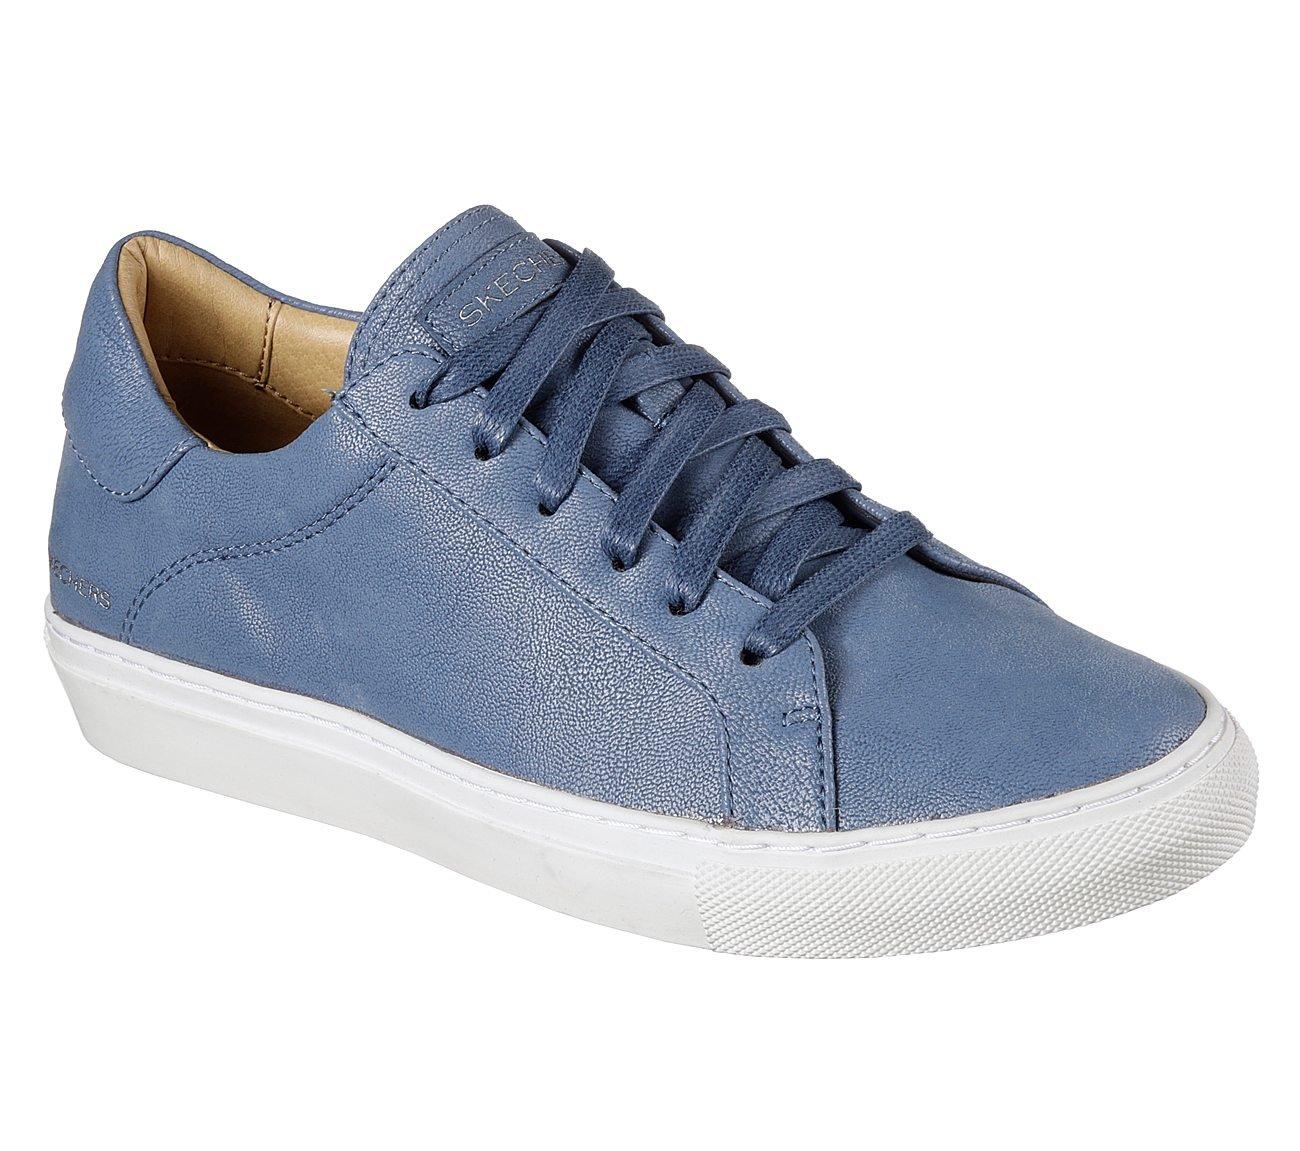 Skechers Womens Vaso - Lace-up Sneaker B01MRVIHCN 8.5 B(M) US|Blue